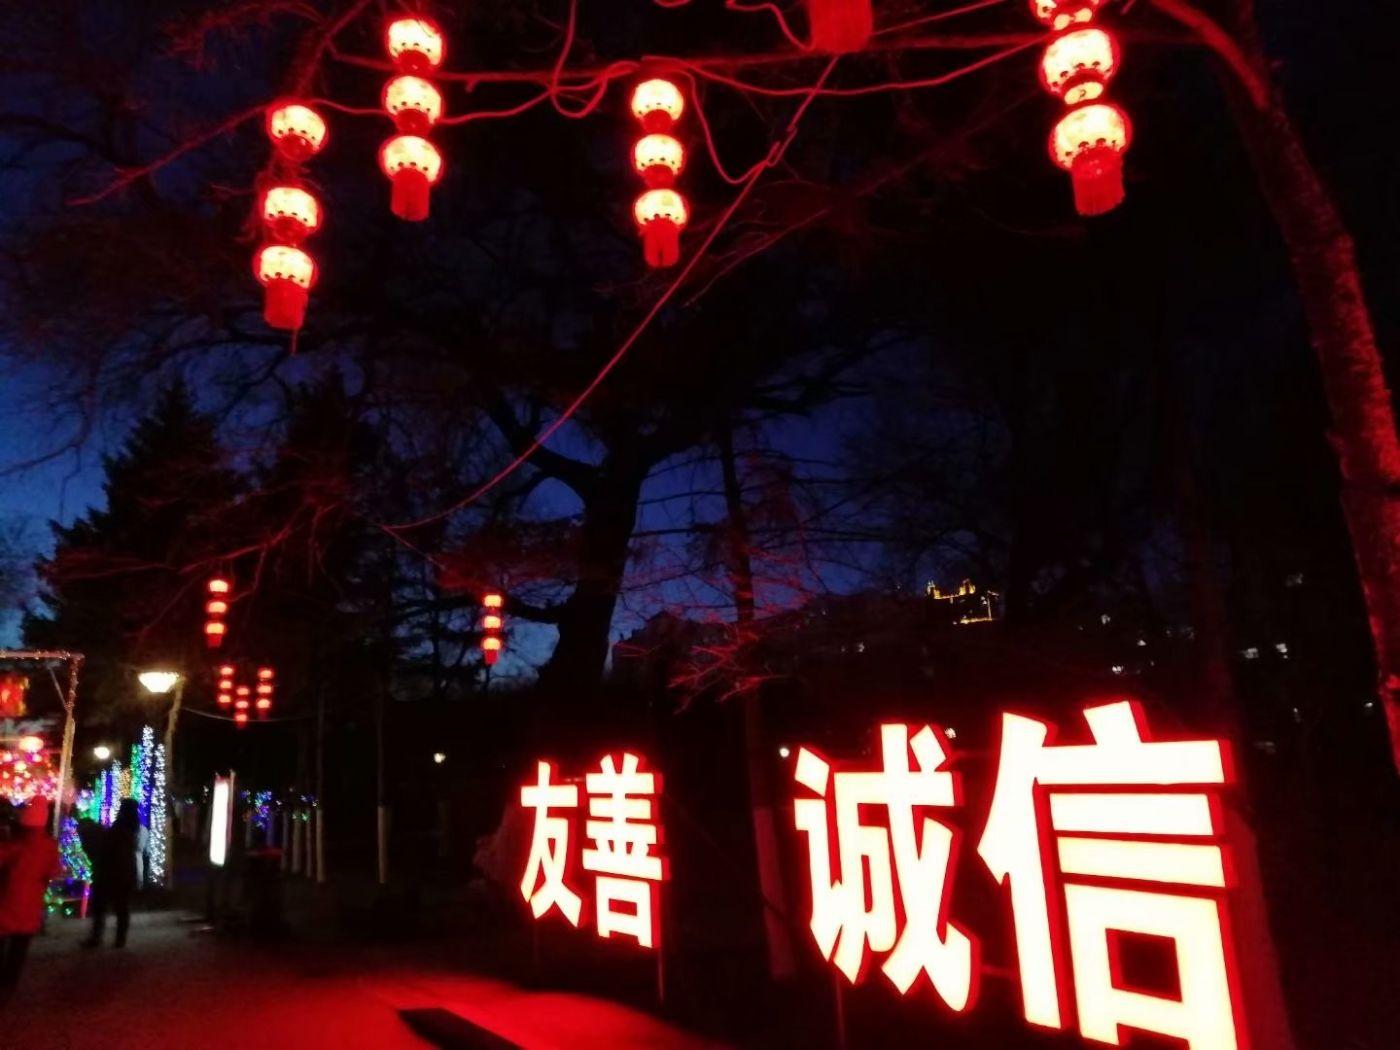 鹤城元宵之夜(图)_图1-19